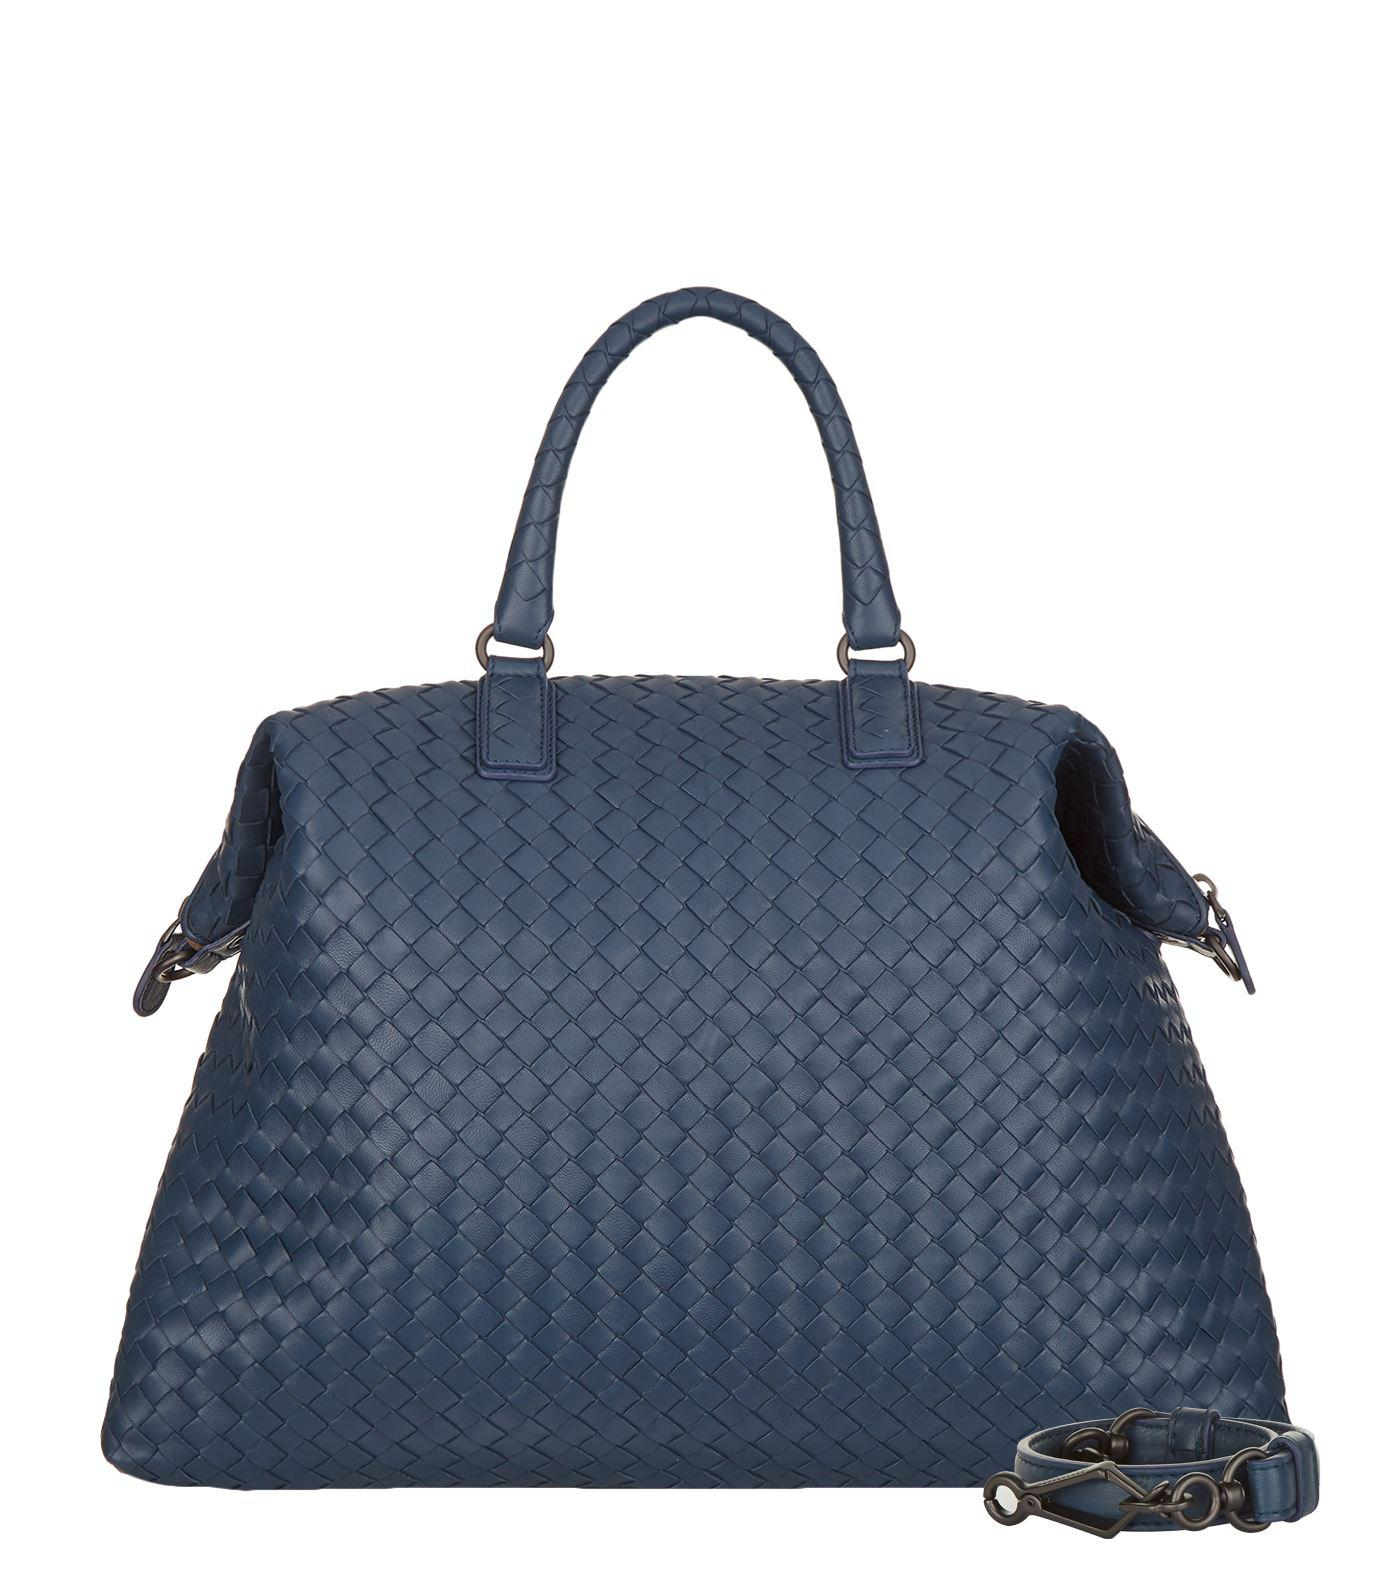 a3052d181f9d Lyst - Bottega Veneta Convertible Intrecciato Bag in Blue